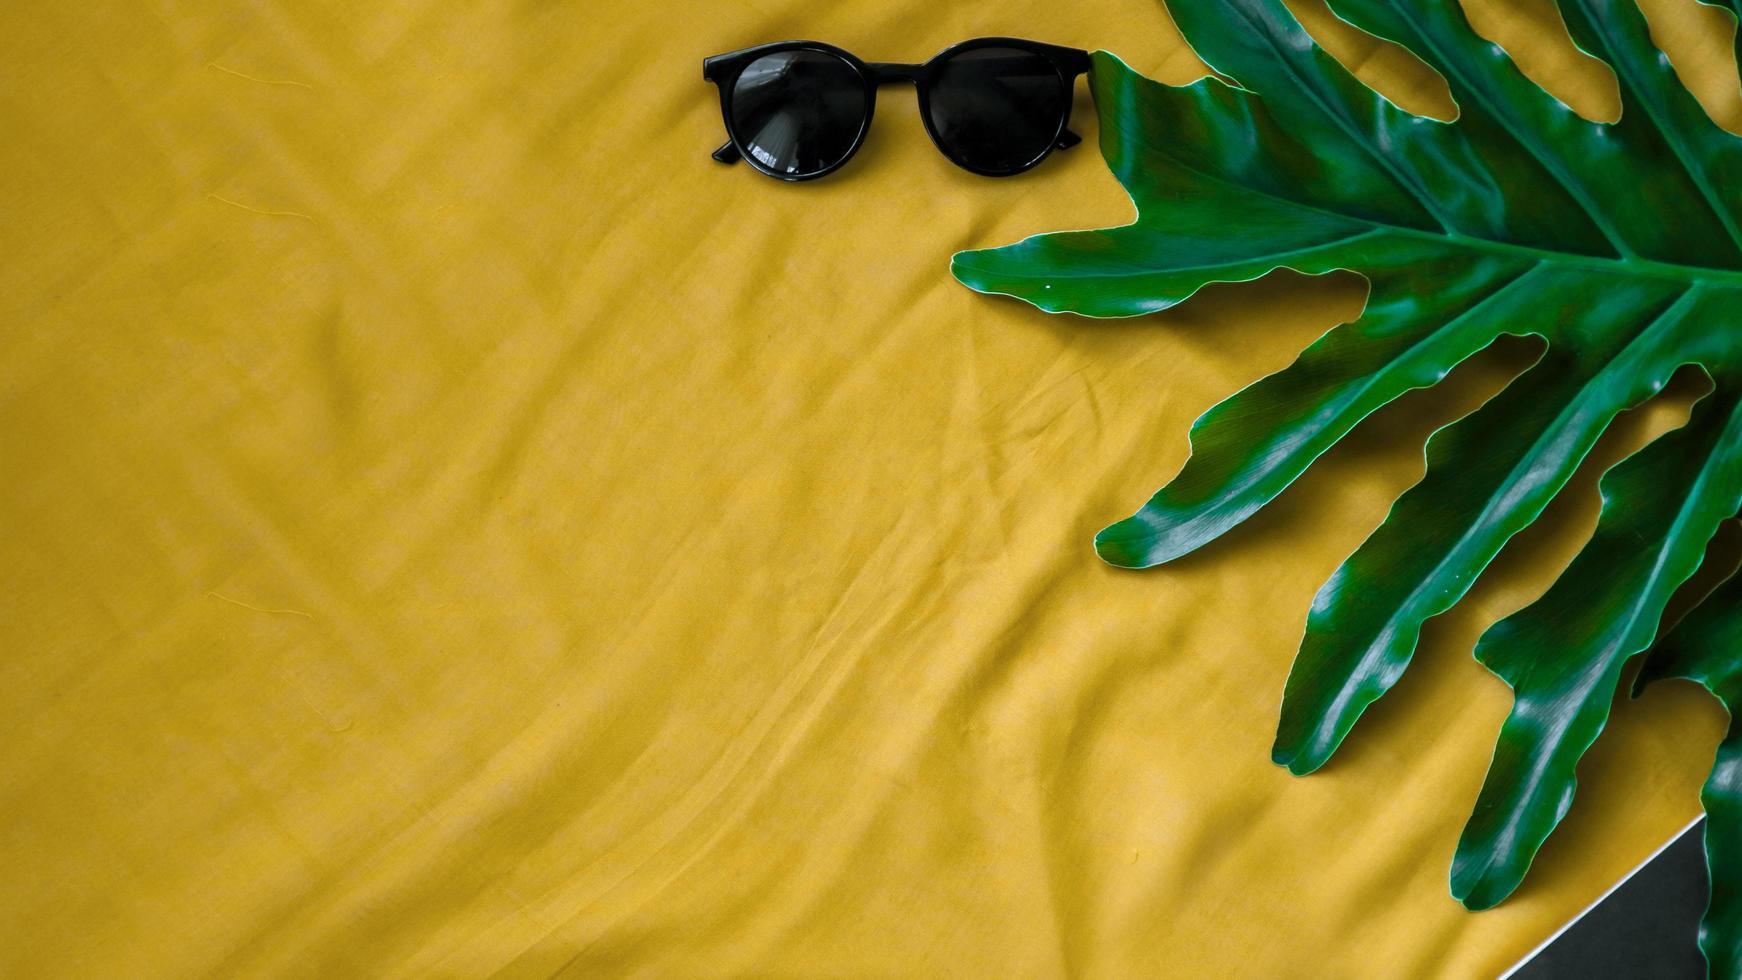 foglia vista dall'alto con occhiali su sfondo giallo foto